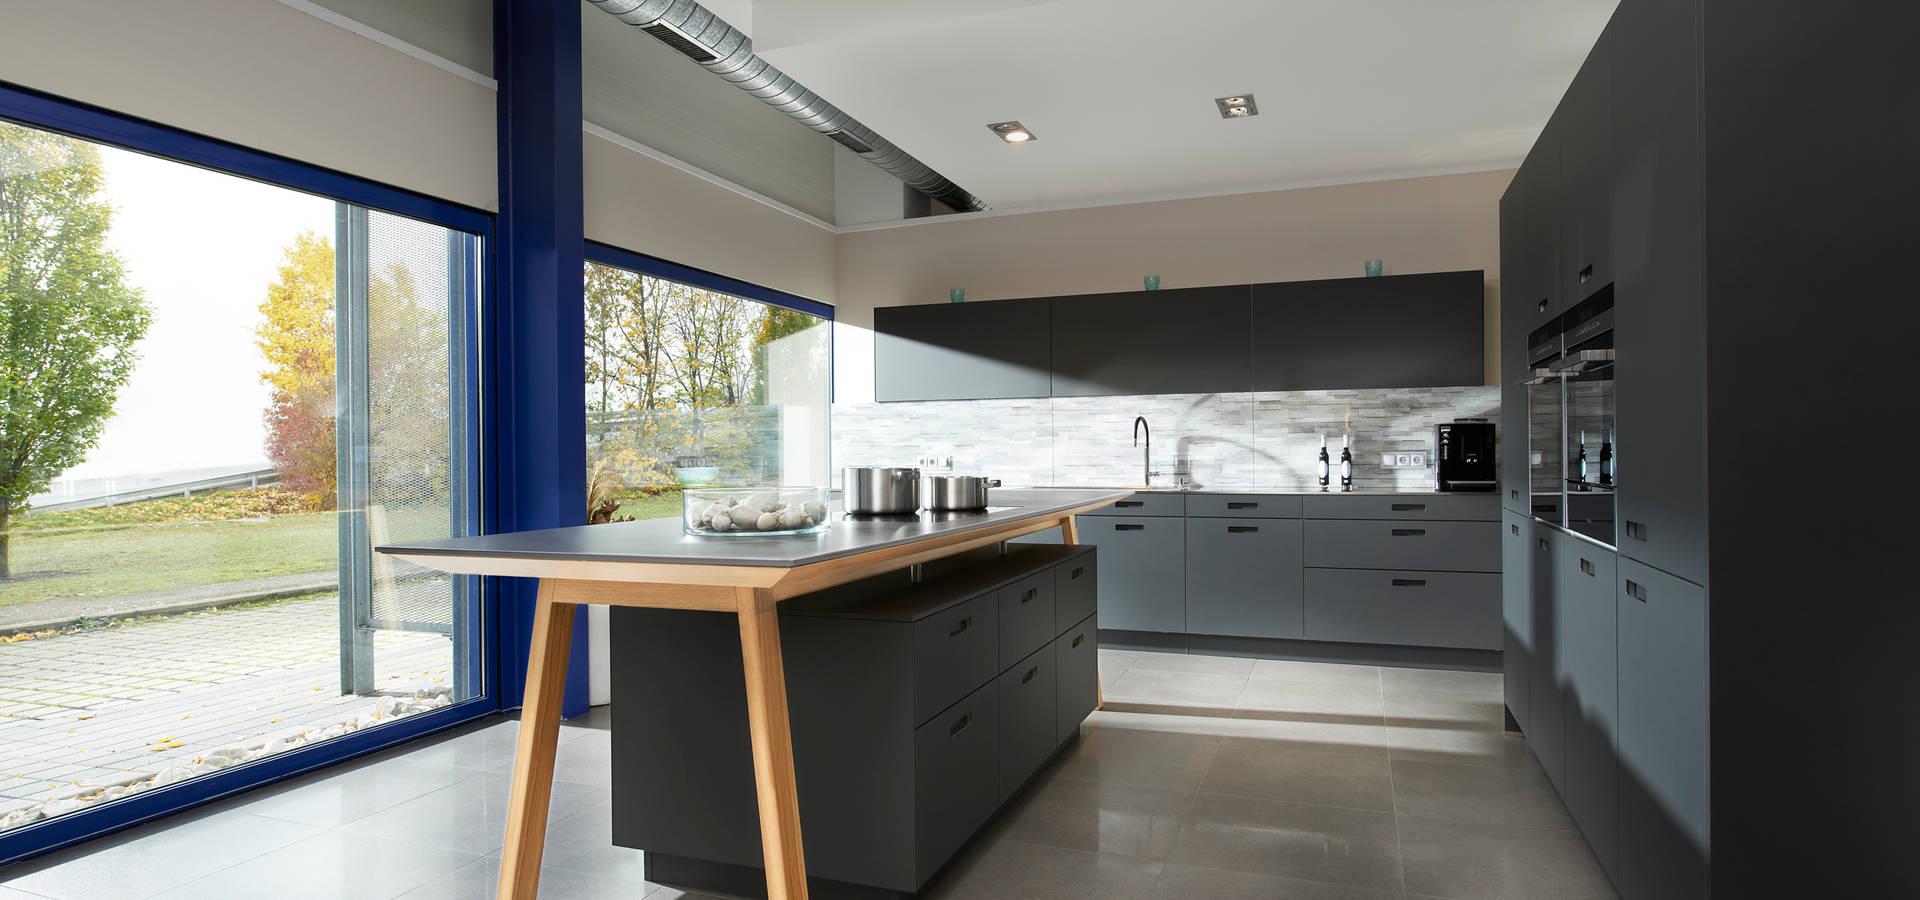 Küchen-Design KARL RUSS